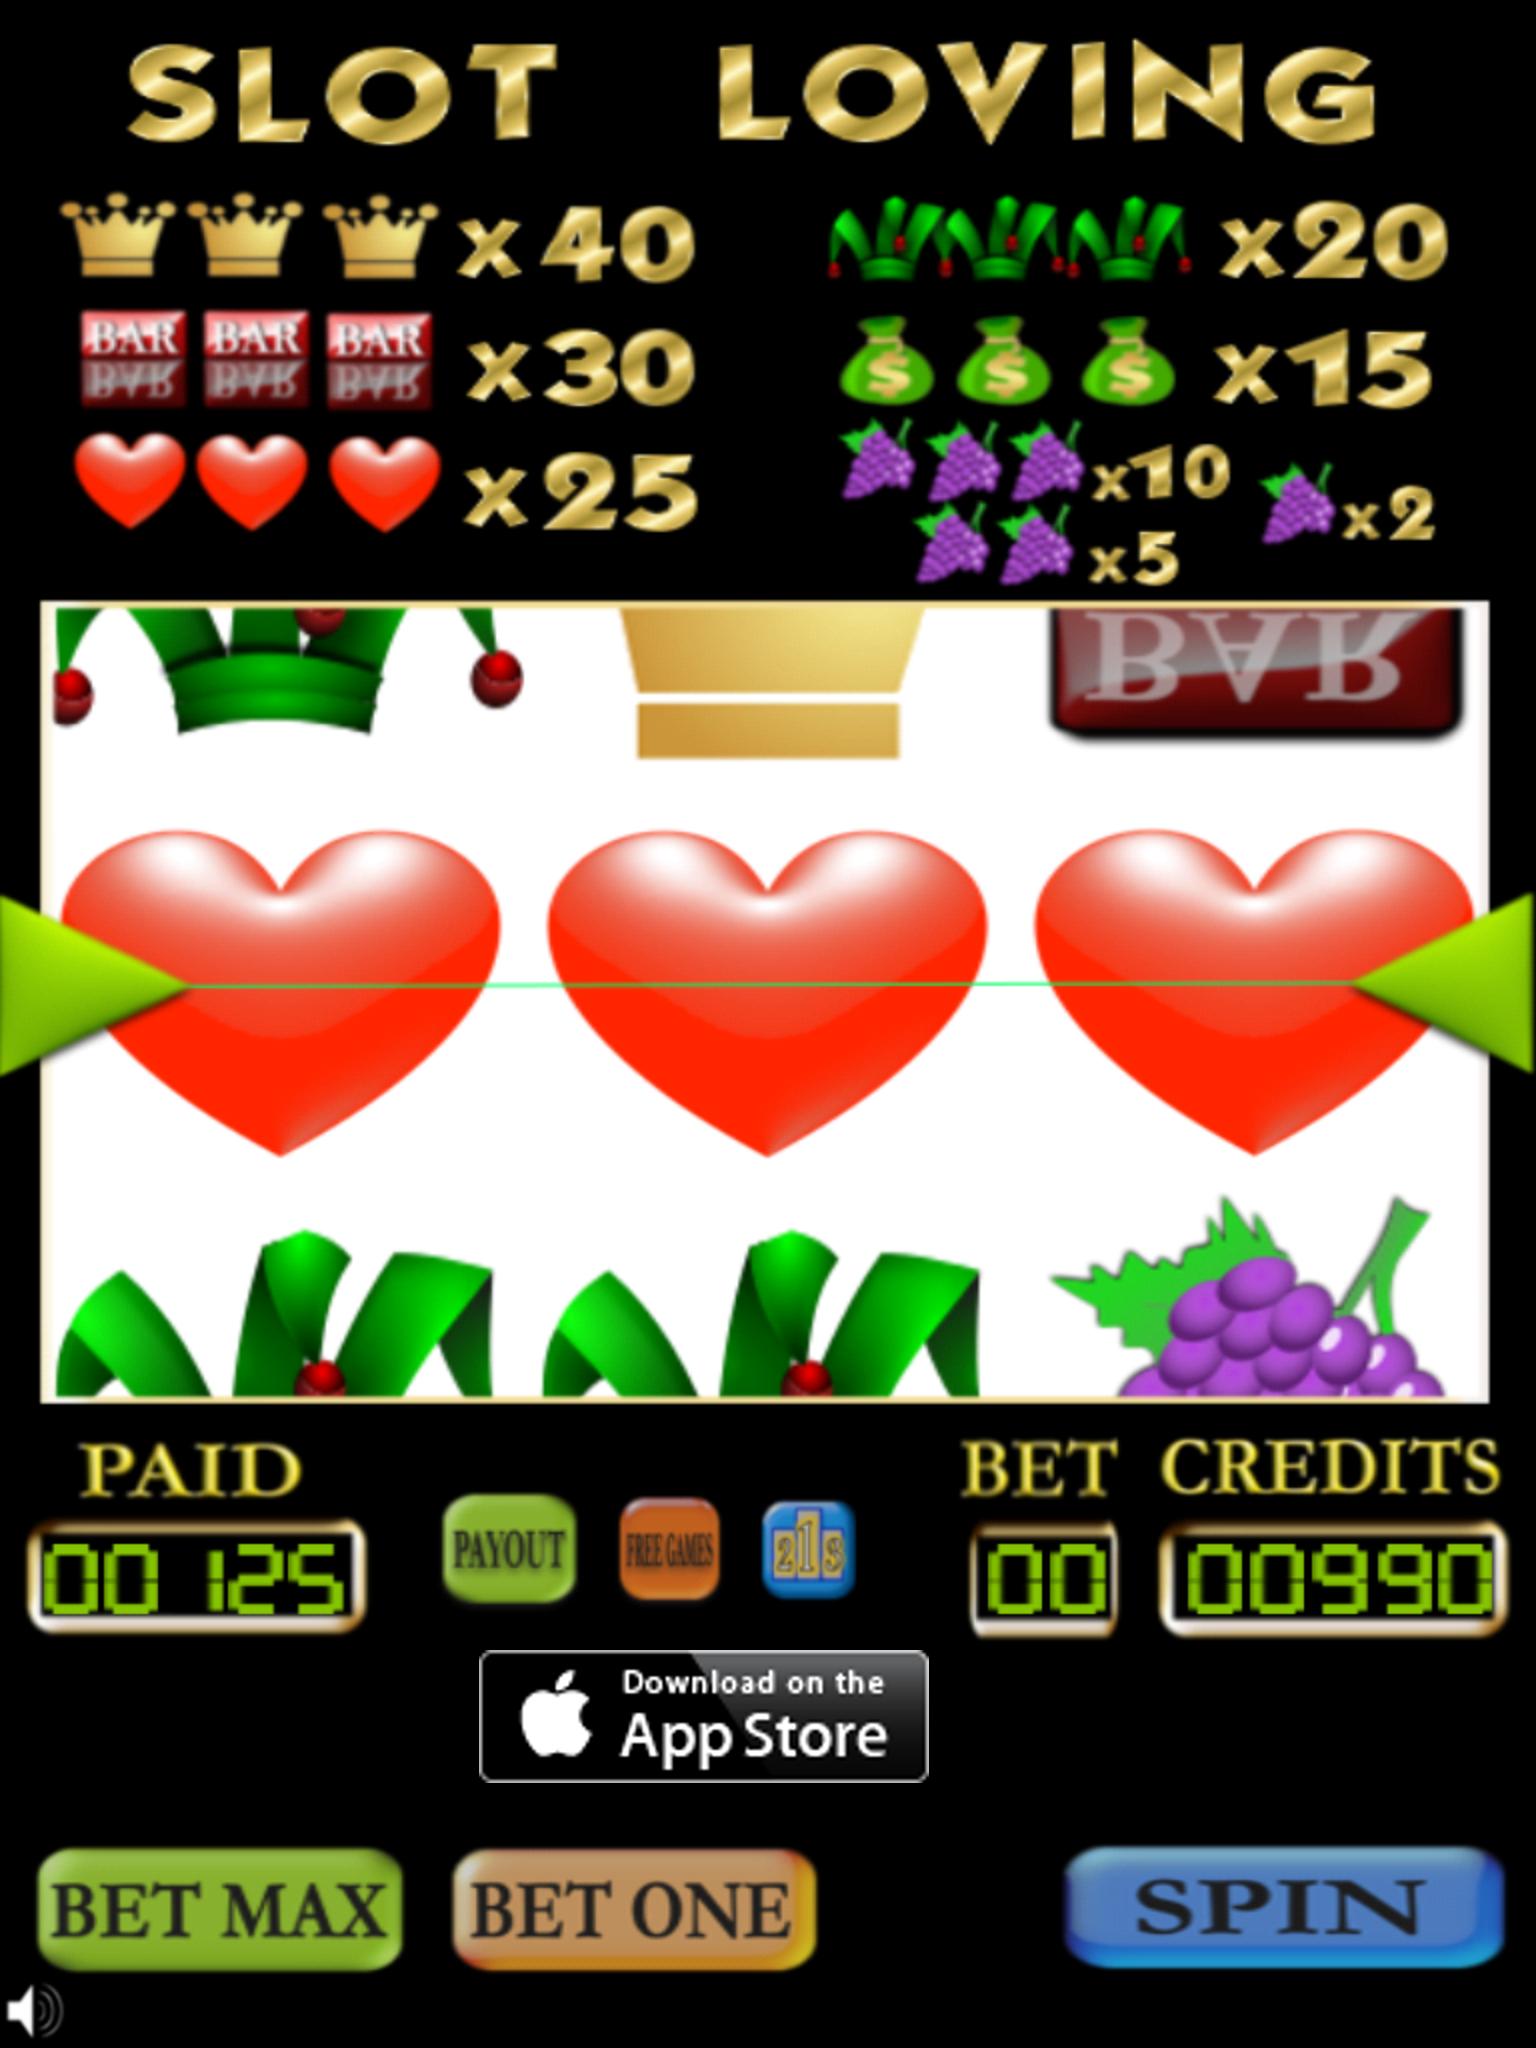 Slot Loving